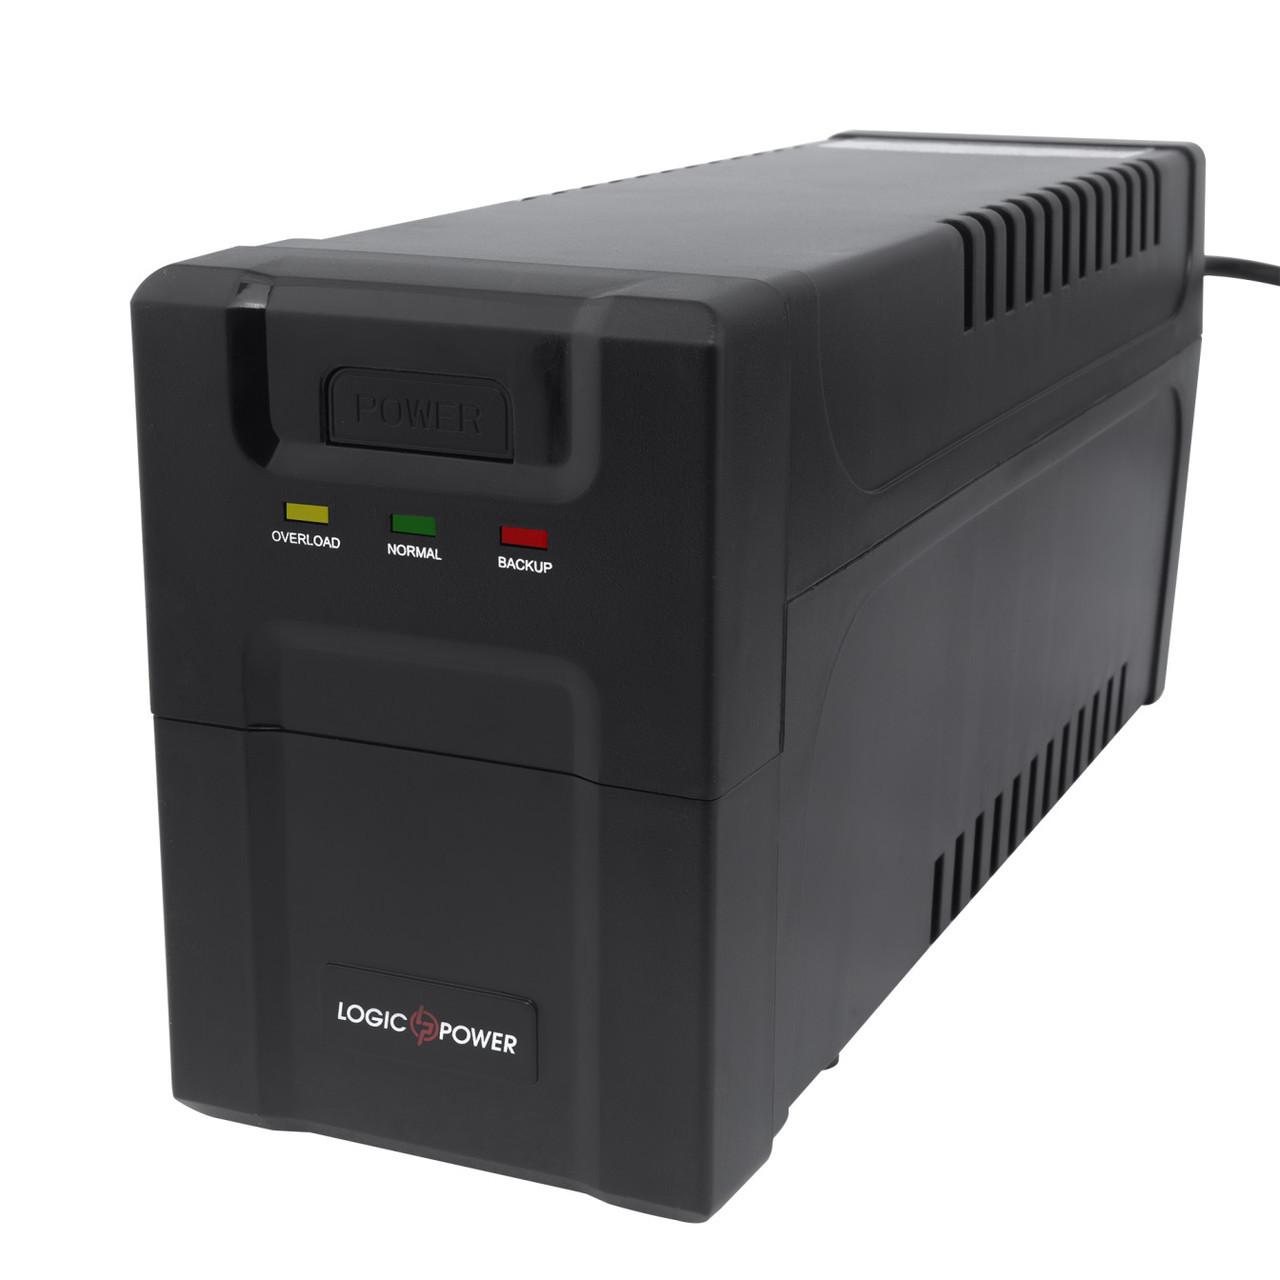 ИБП LogicPower LP 650VA-P (390Вт) линейно-интерактивный